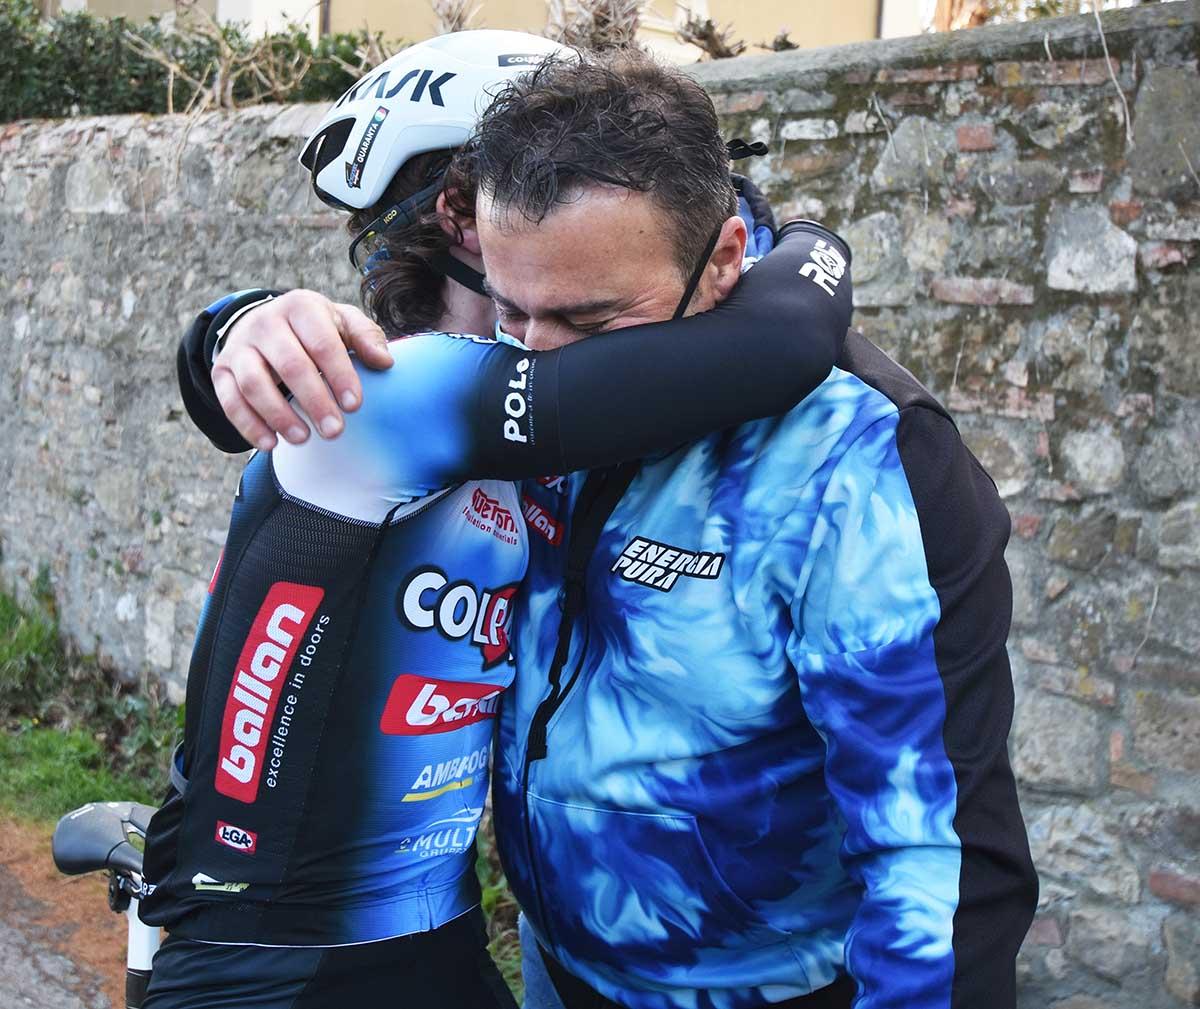 L'abbraccio tra Samuel Quaranta e il papà Ivan dopo la vittoria a Cantagrillo (foto Rodella)